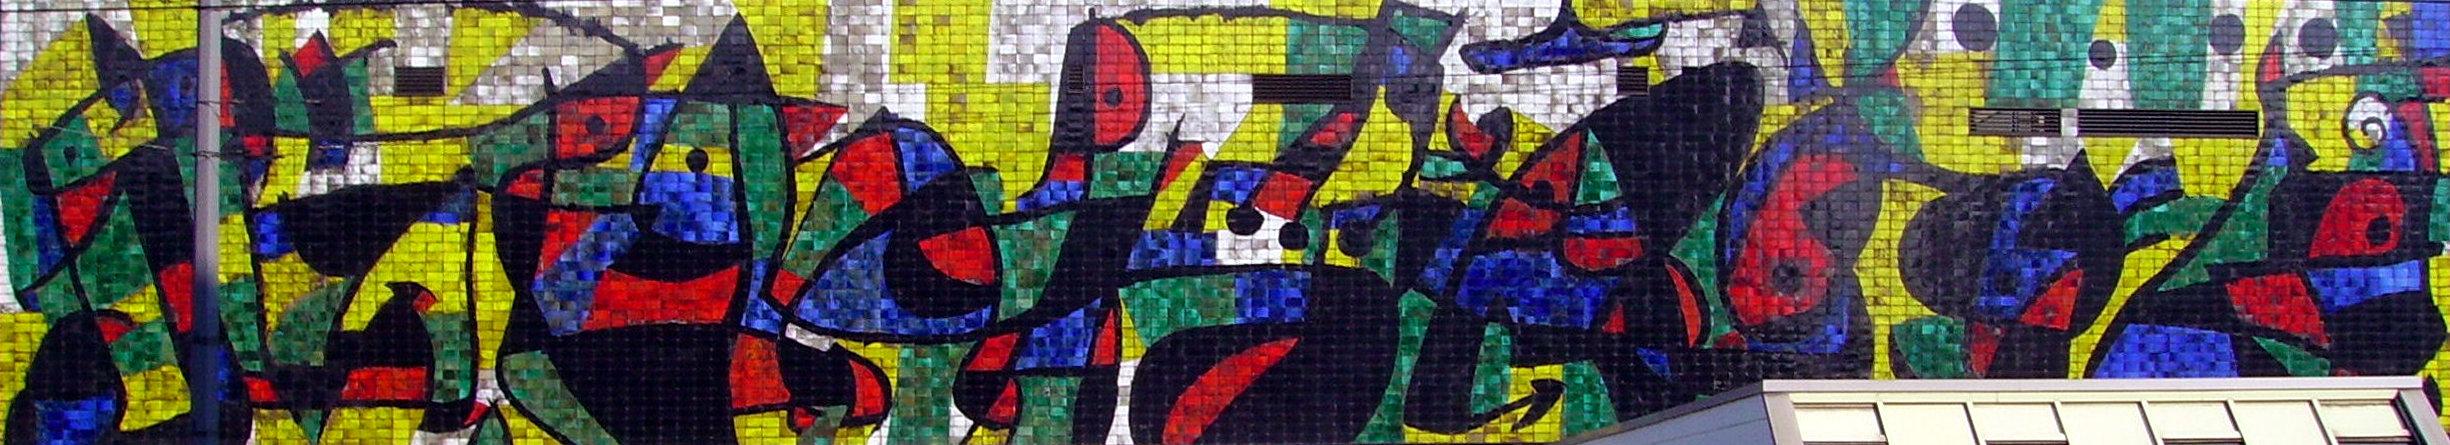 Llorens Artigas + Miró